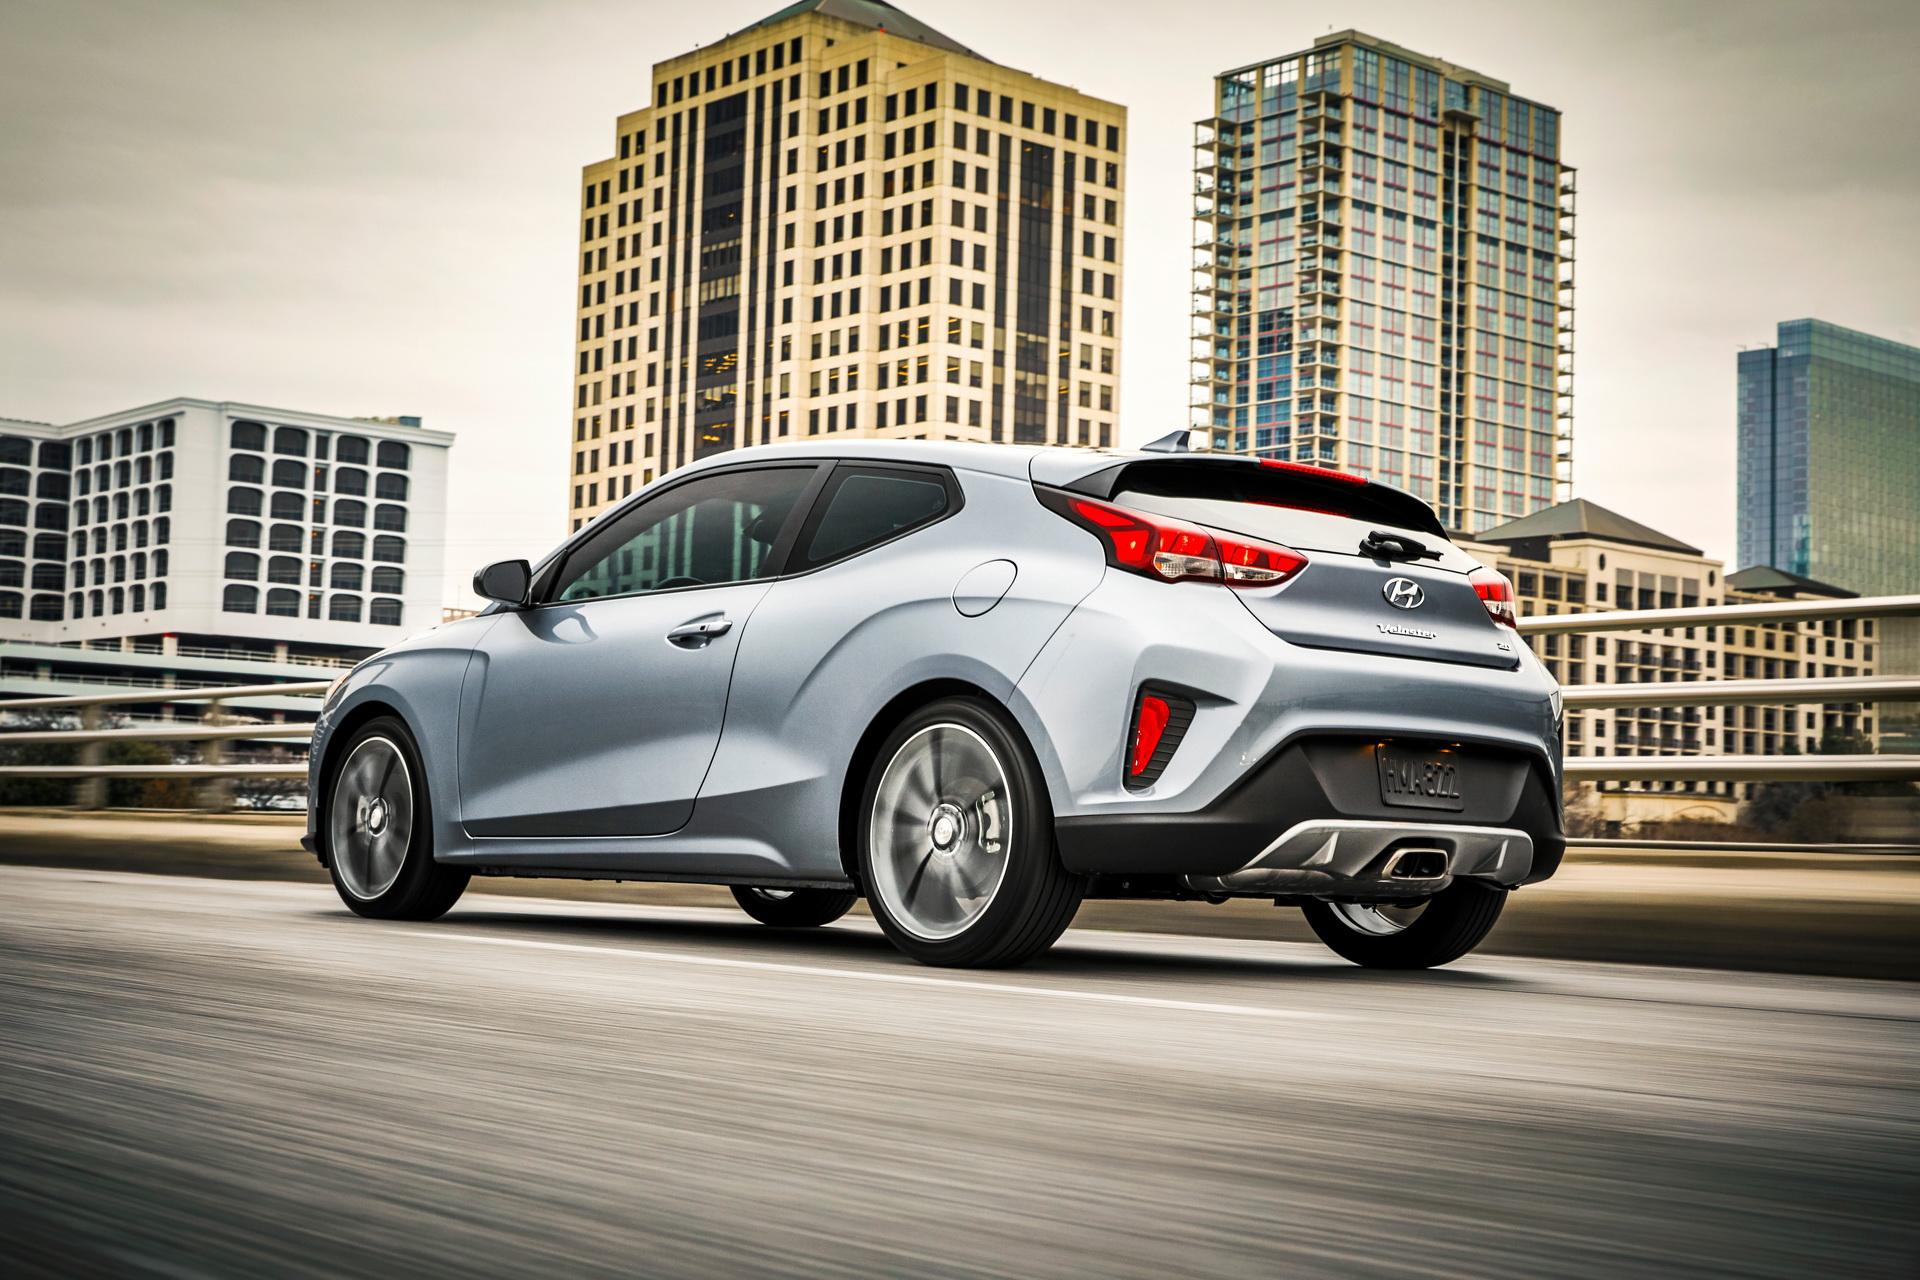 Hyundai Veloster 2020 ra mắt với nhiều nâng cấp mới - 17